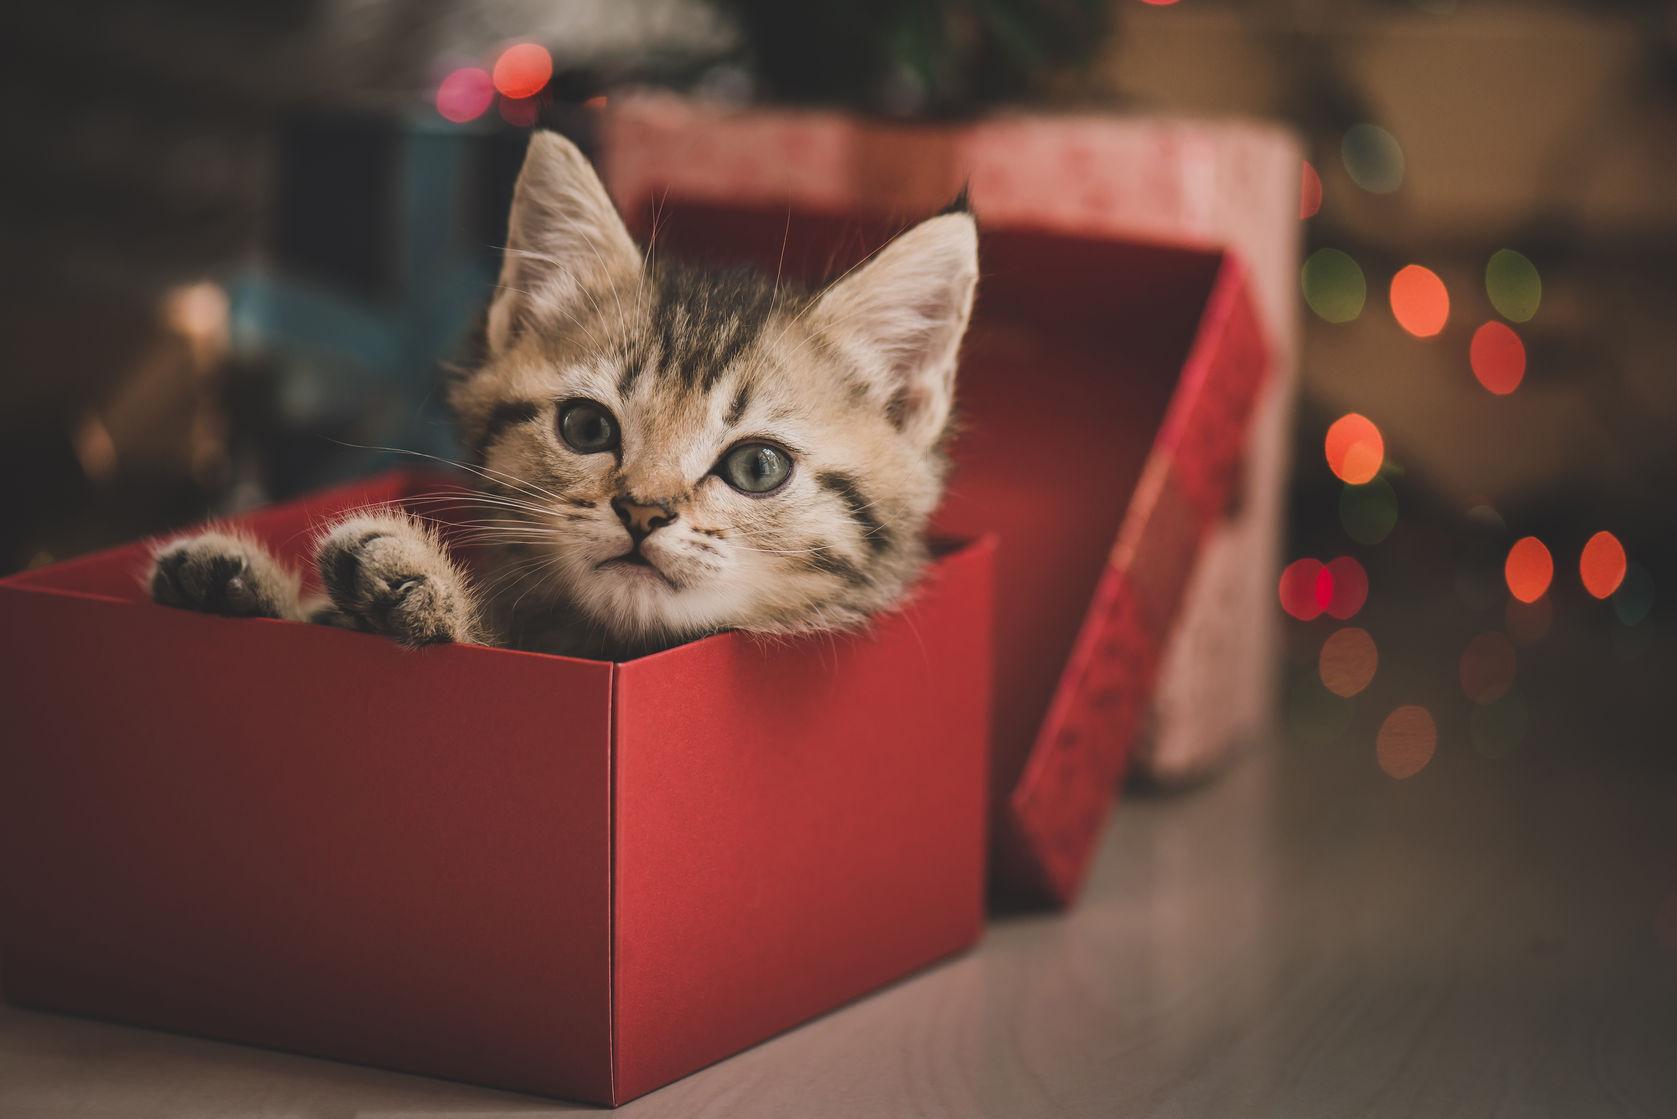 Socks, el gatito que inspiró el Día Internacional del Gato